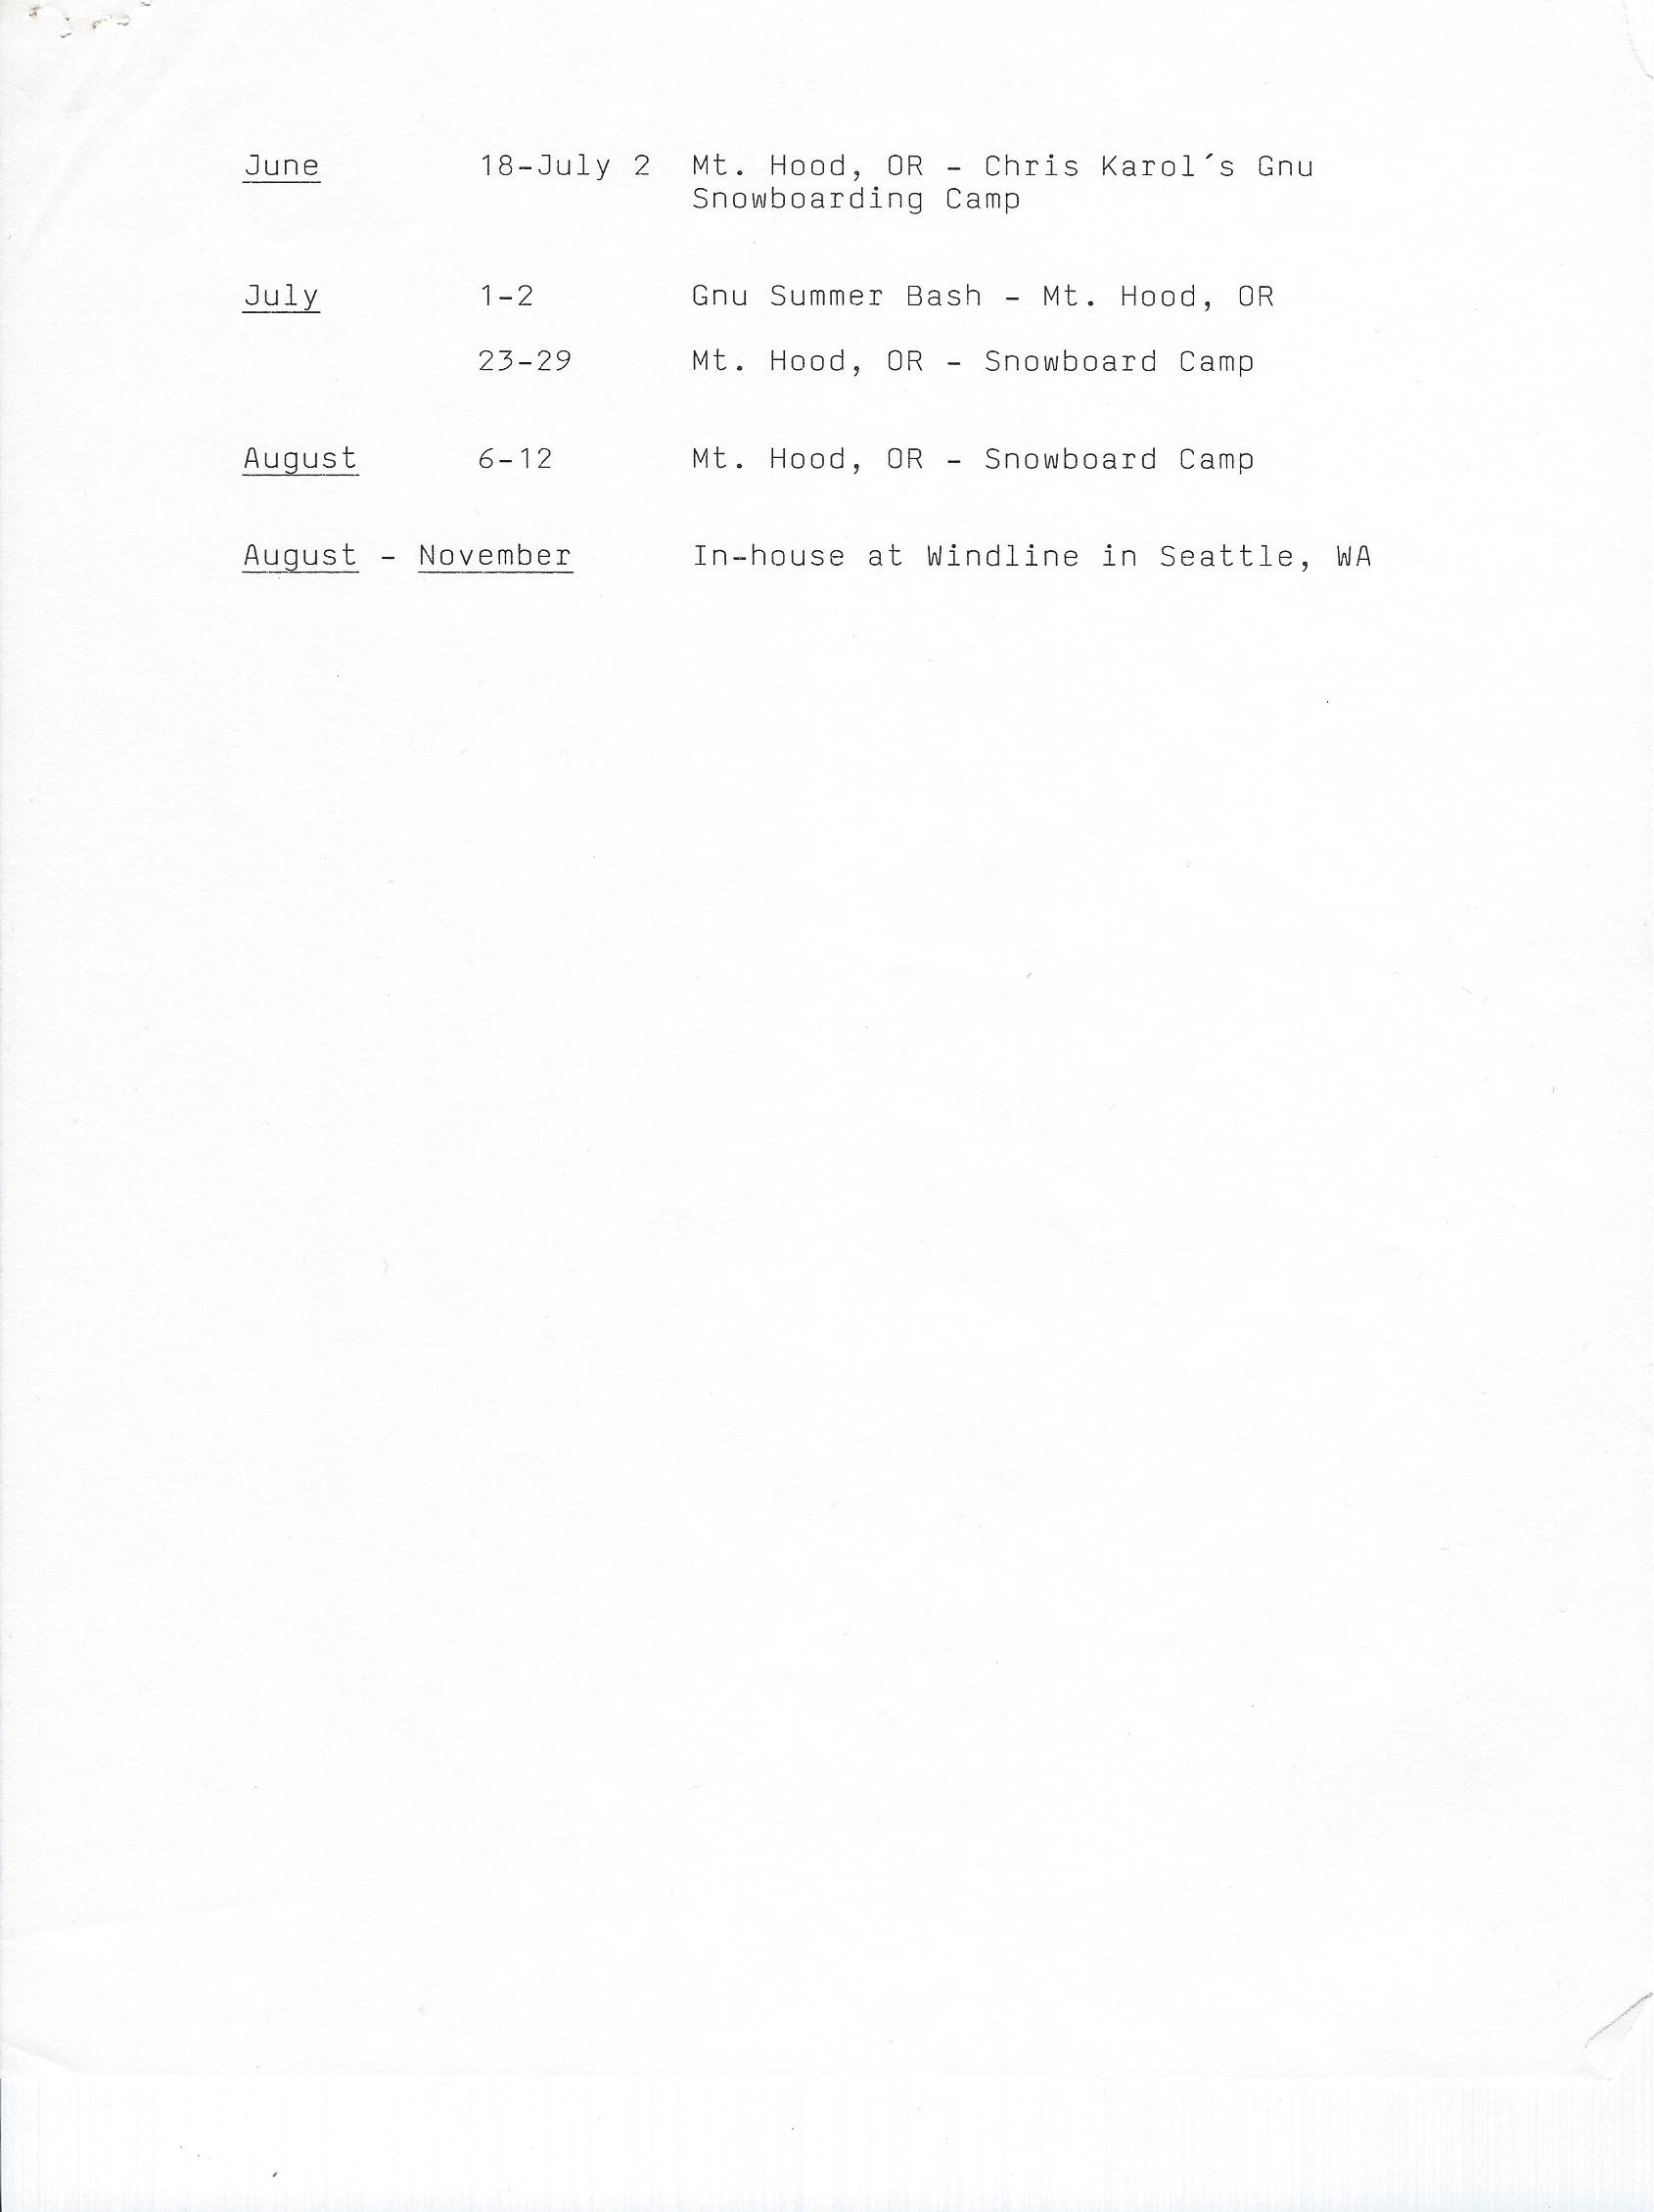 88-89 Schedule 2.jpg